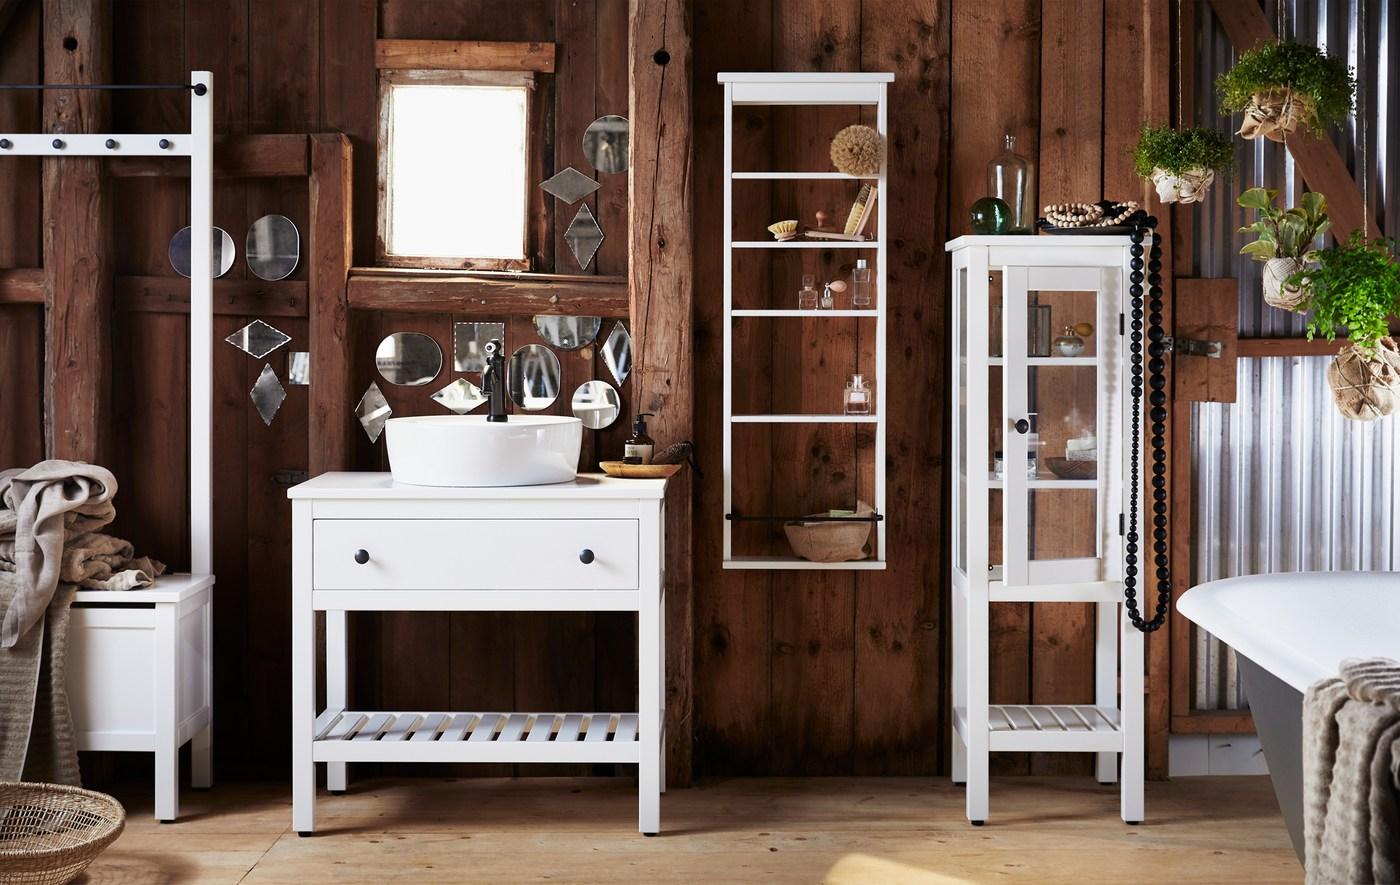 Koupelna s tradičním bílým nábytkem